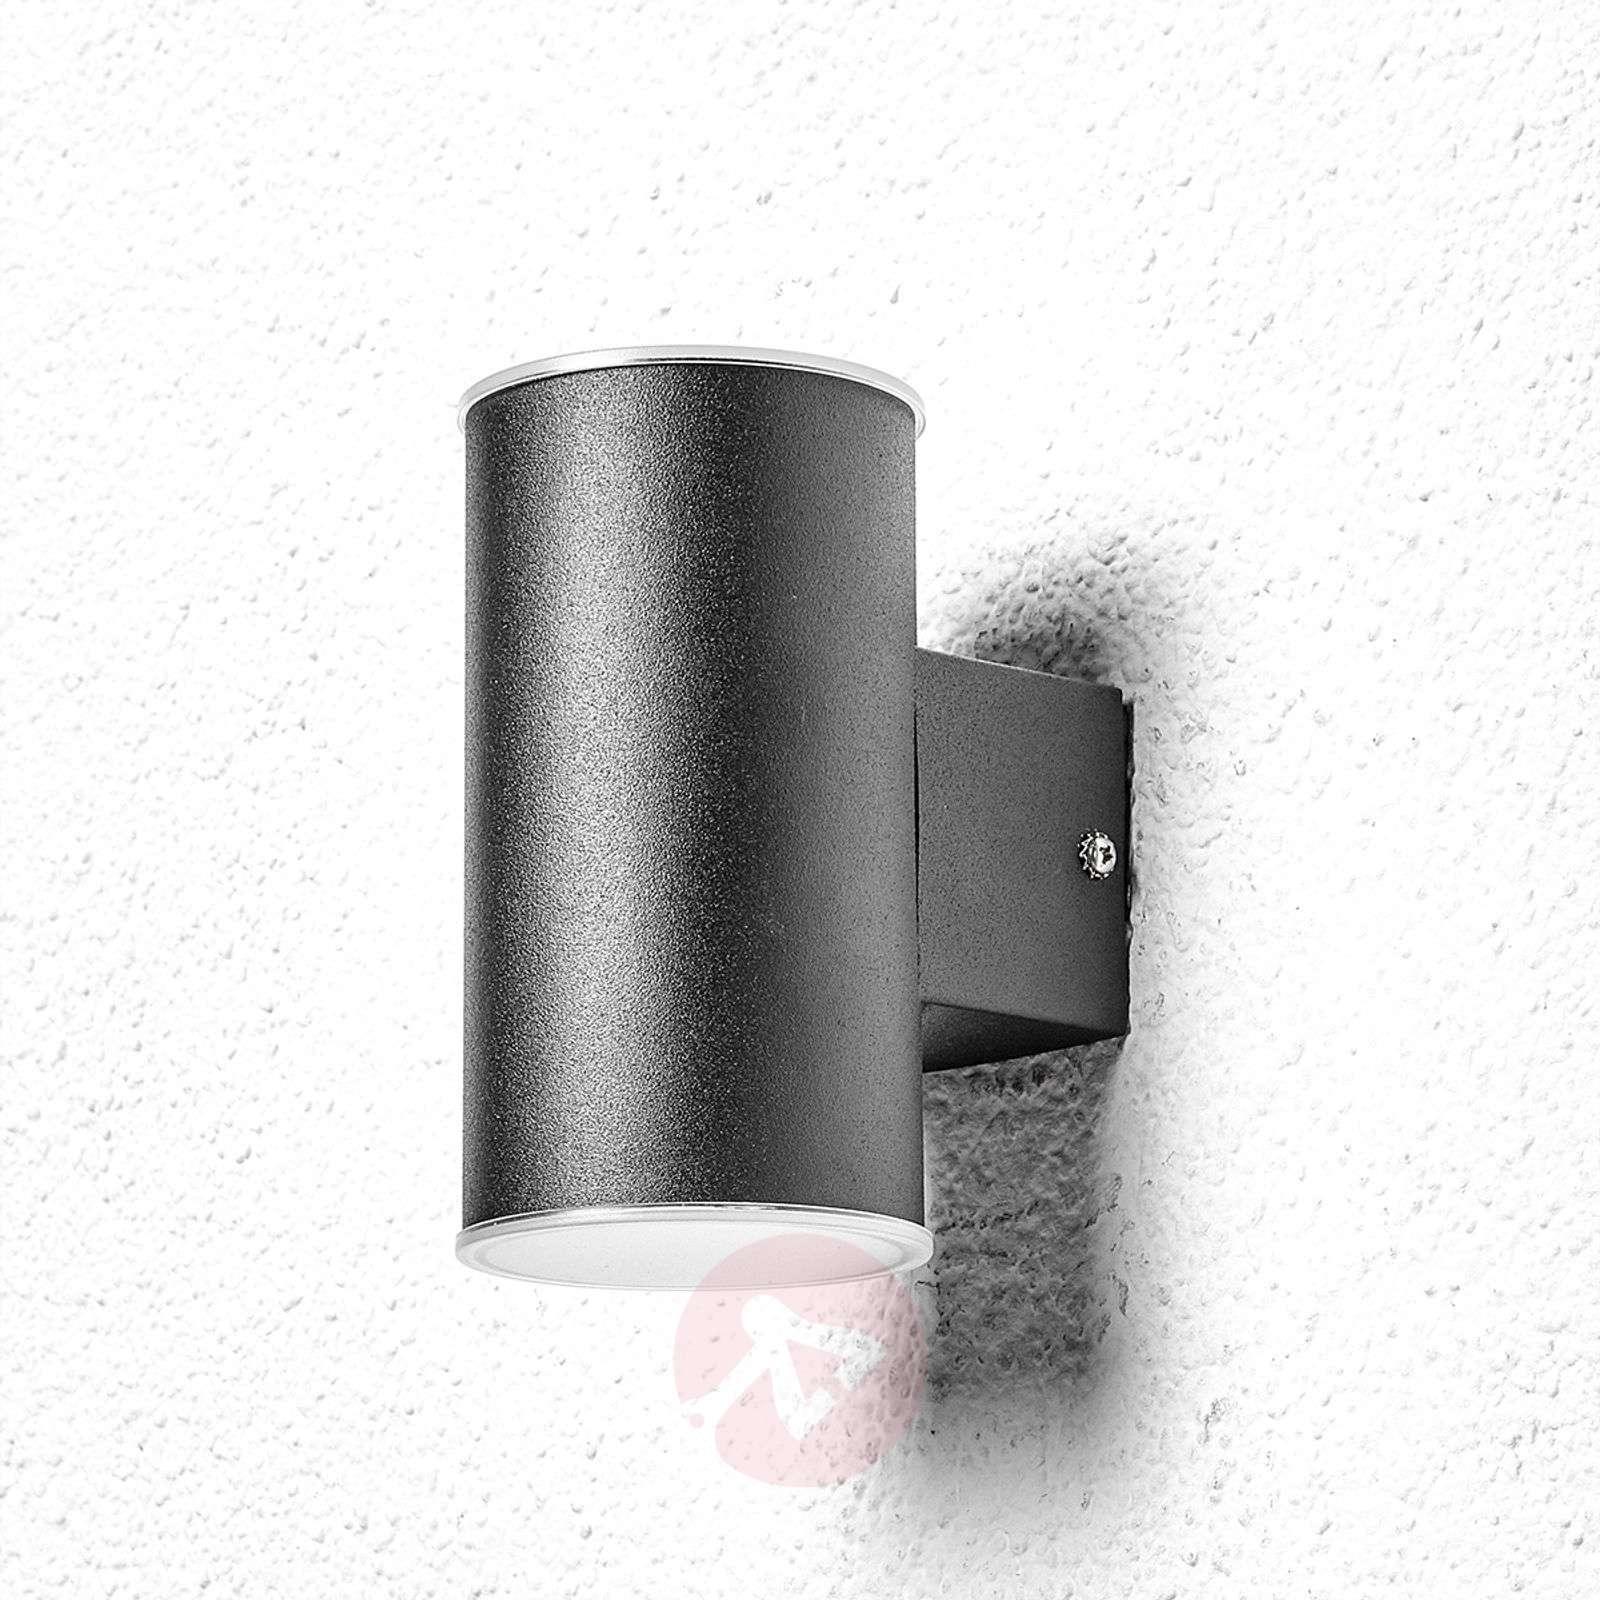 Tehokas LED-ulkoseinävalaisin Morena-9988058-01